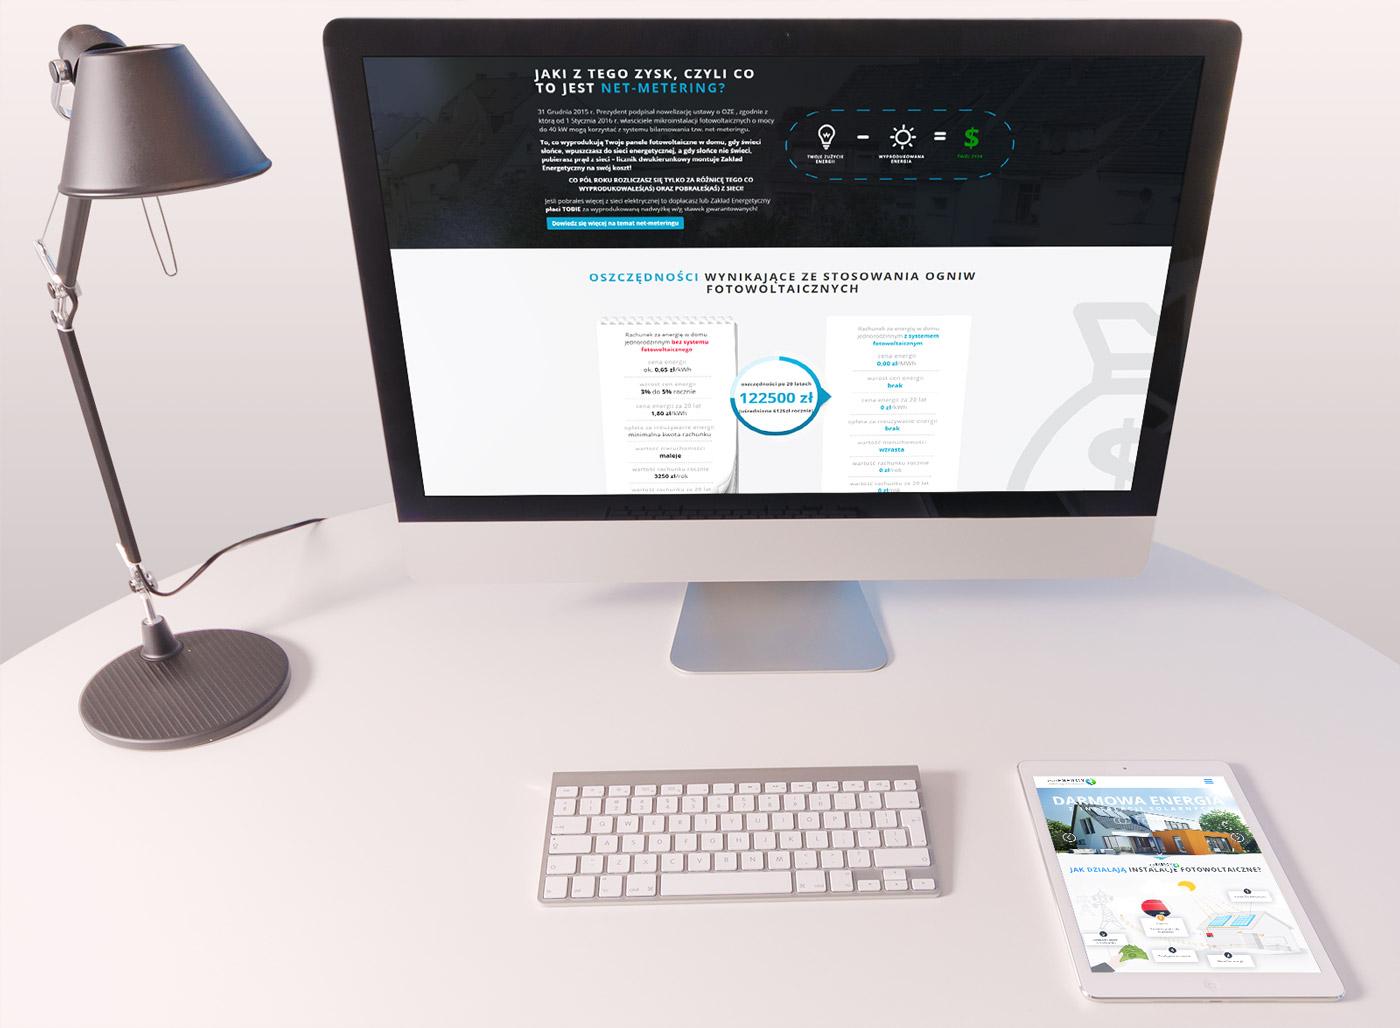 evoenergy strona internetowa - responsywność na komputerze i tablecie